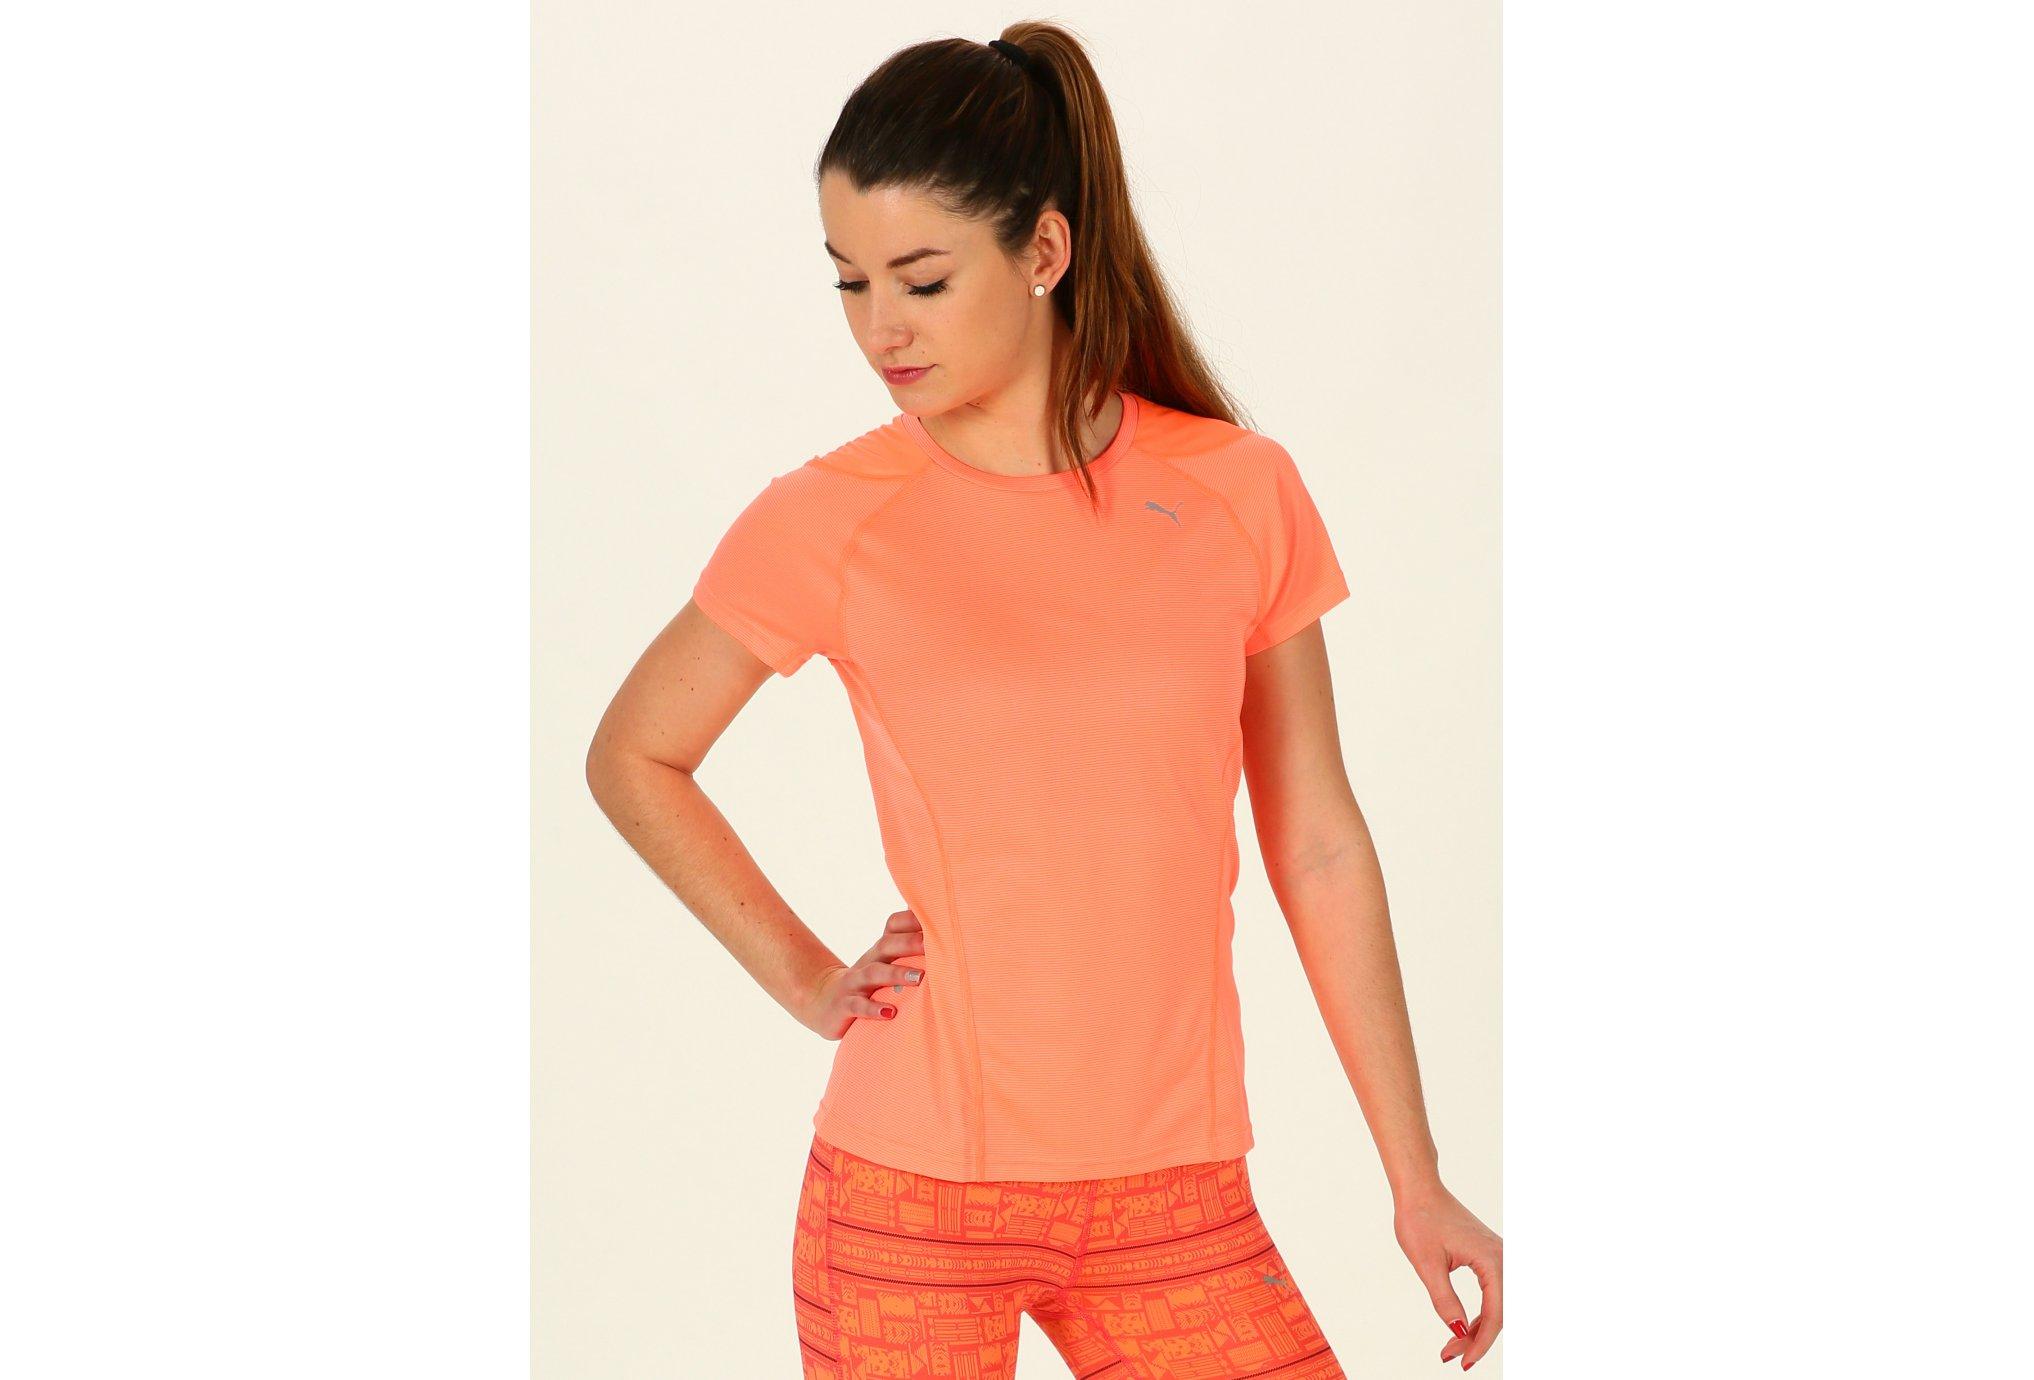 Puma Tee-shirt Faster Than You W vêtement running femme